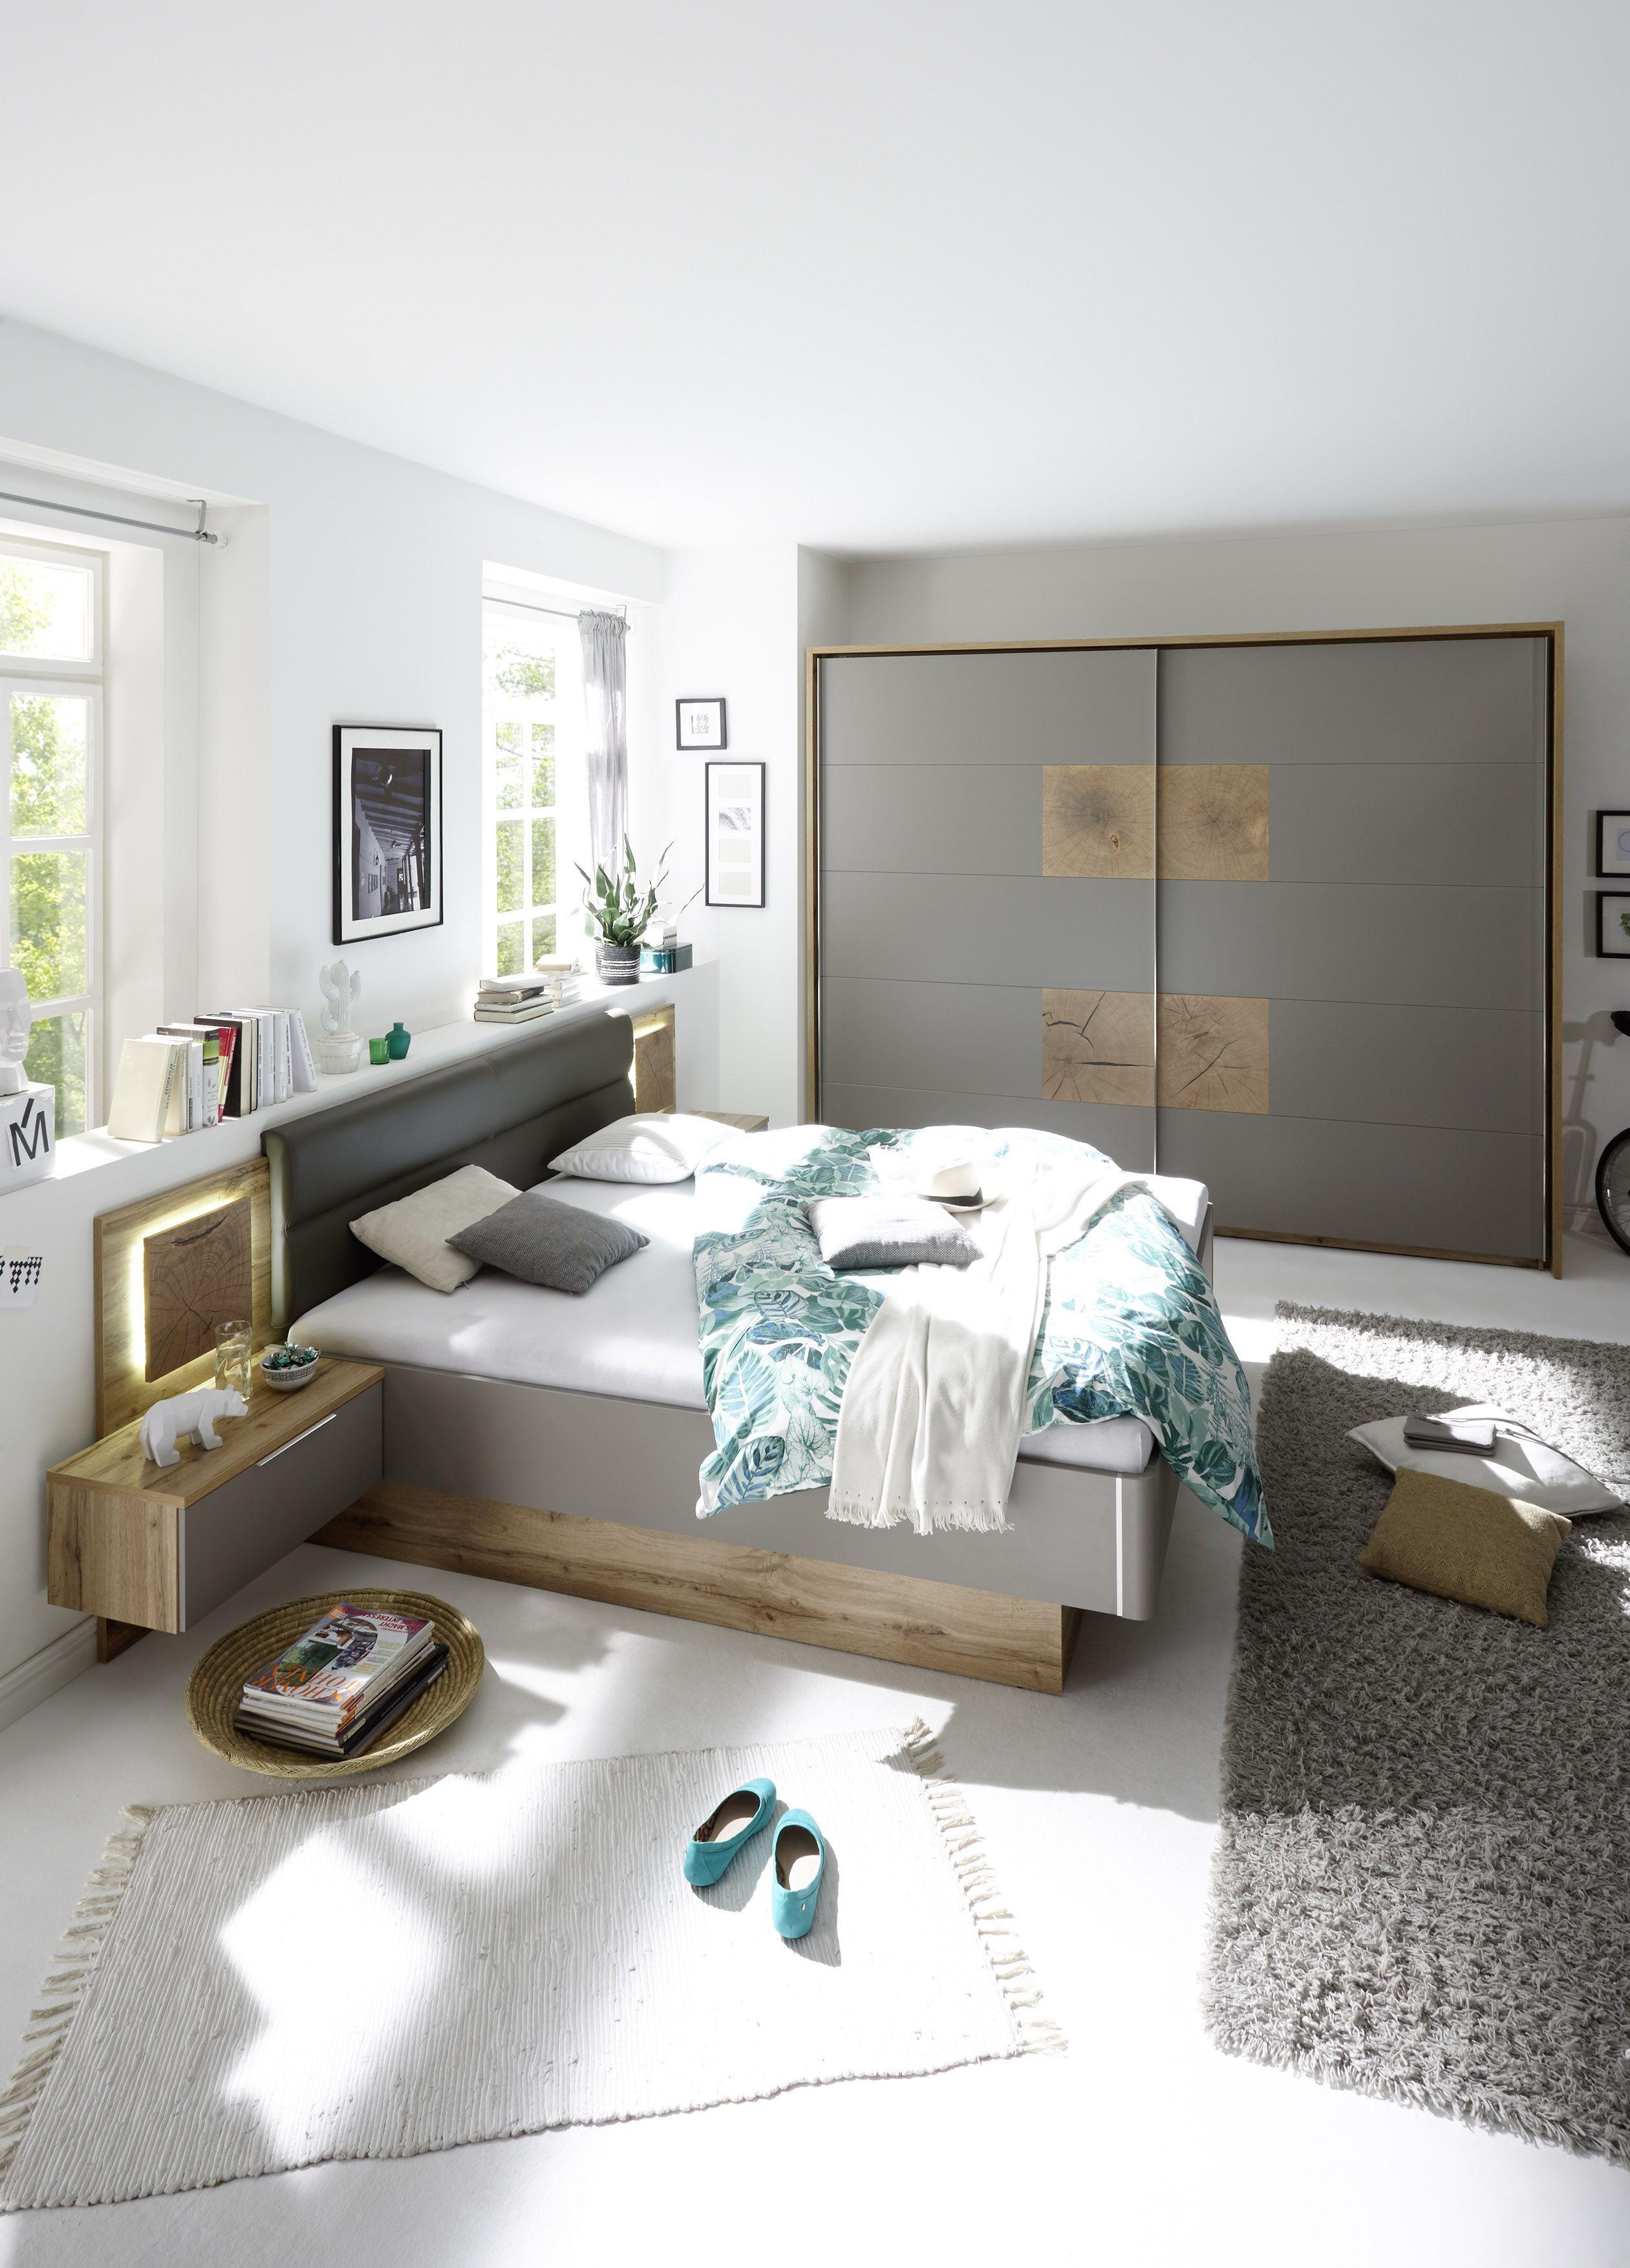 Schlafzimmer Mit Bett 180 X 200 Cm Wildeiche Basaltgrau Mit Abs Hirnholz Woody 62 00143 Mod Komplettes Schlafzimmer Schlafzimmer Einrichten Luxusschlafzimmer